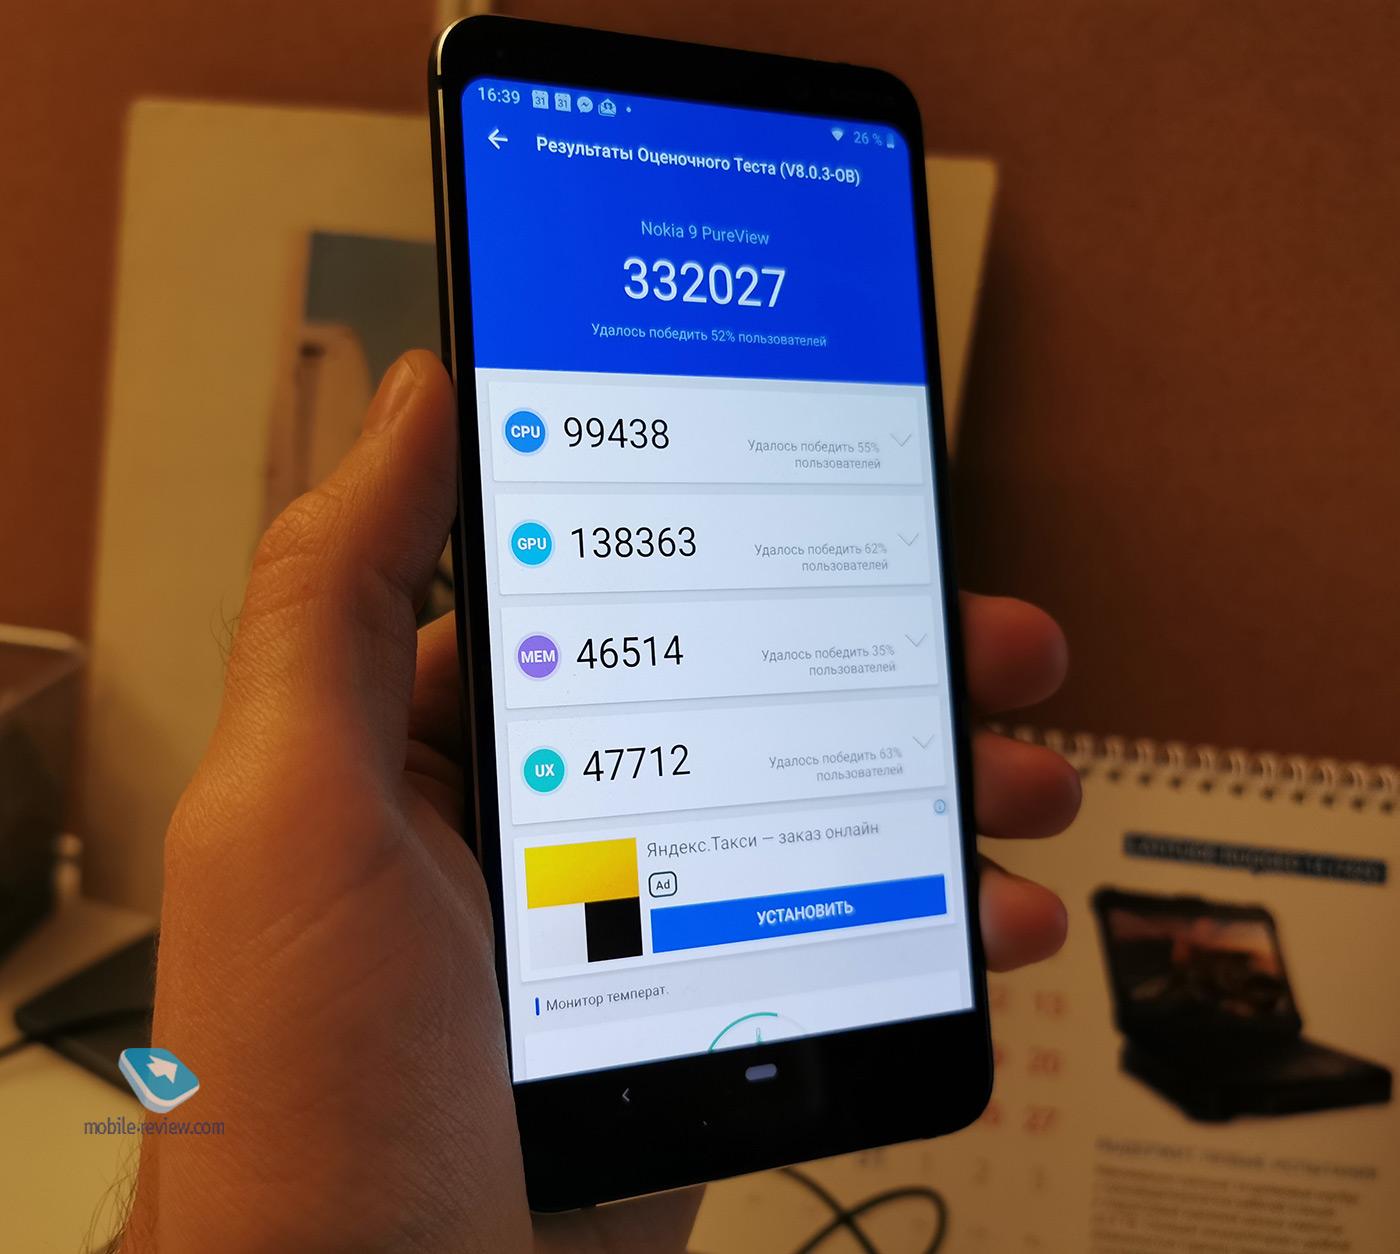 Самый сложный смартфон года: Nokia 9 Pure View